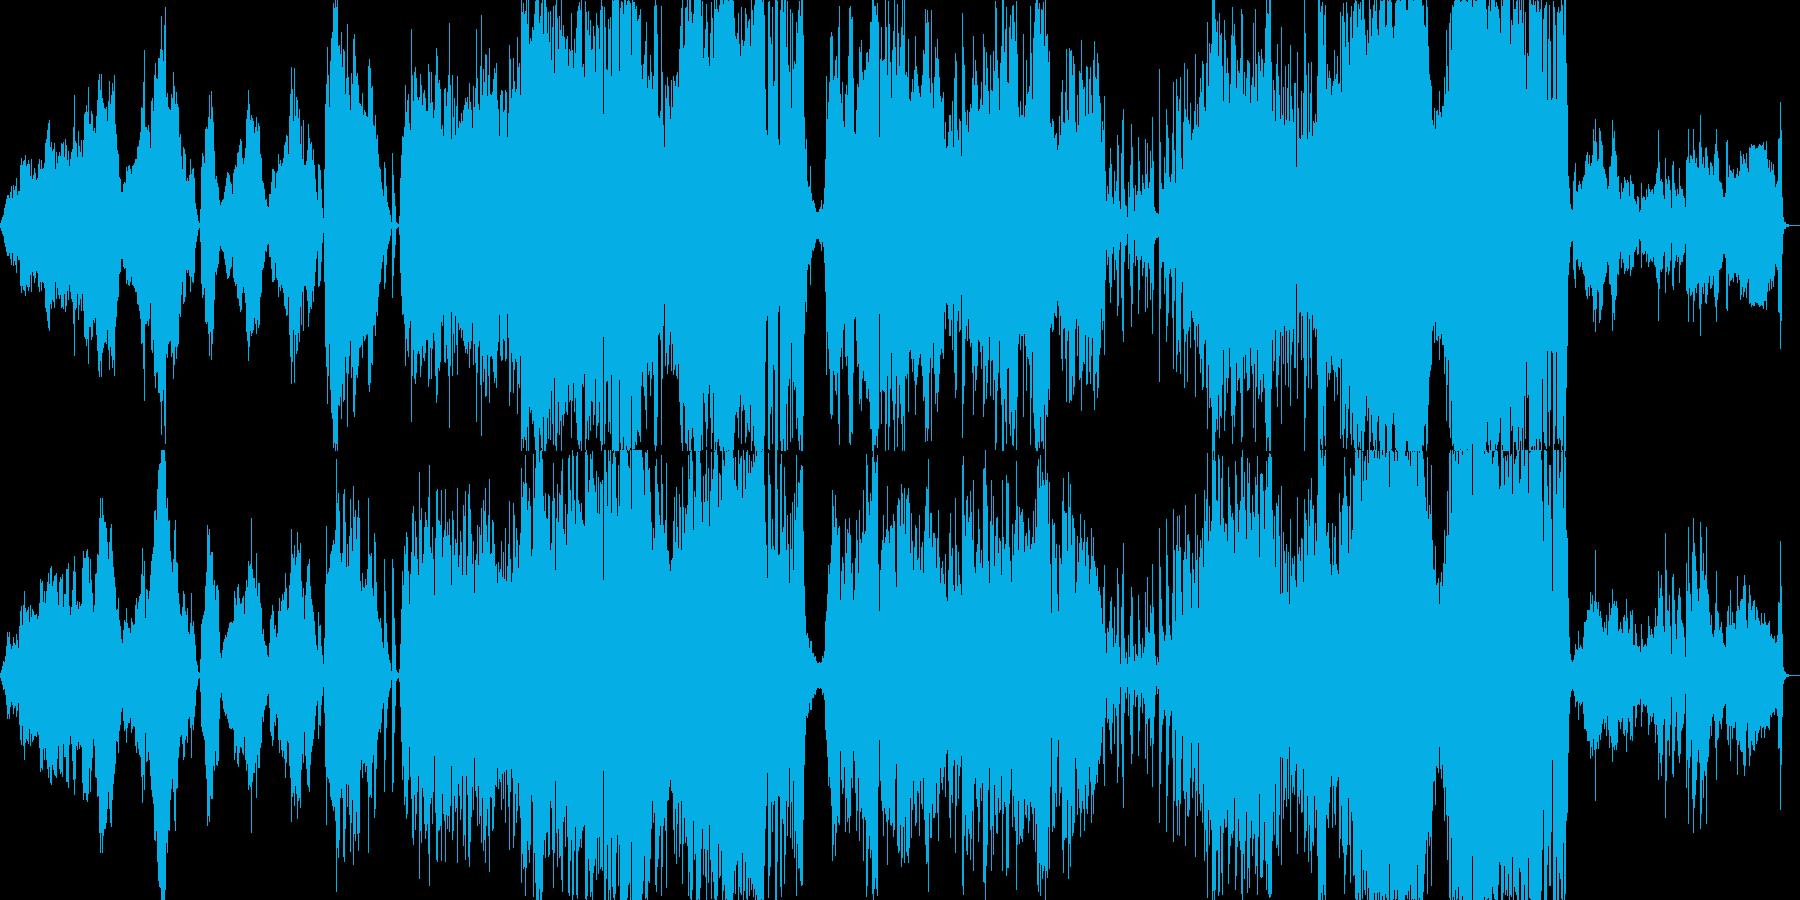 ミュージカルの組曲風の華やかさの再生済みの波形